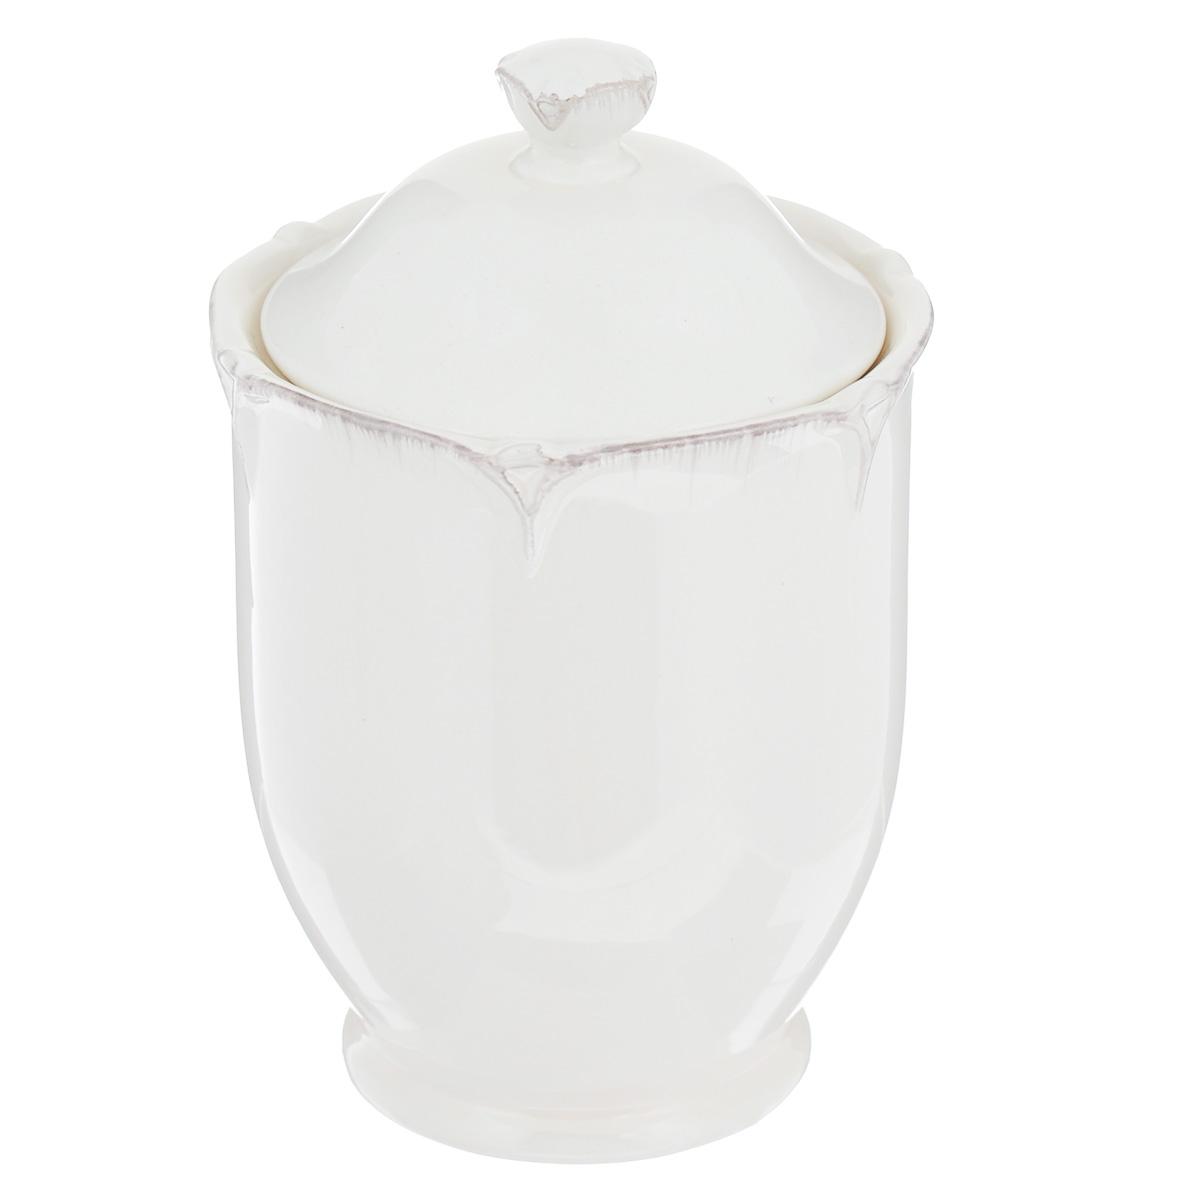 """Лилло / Lillo Банка для сыпучих продуктов Lillo """"Ideal"""", цвет: молочный, 700 мл"""